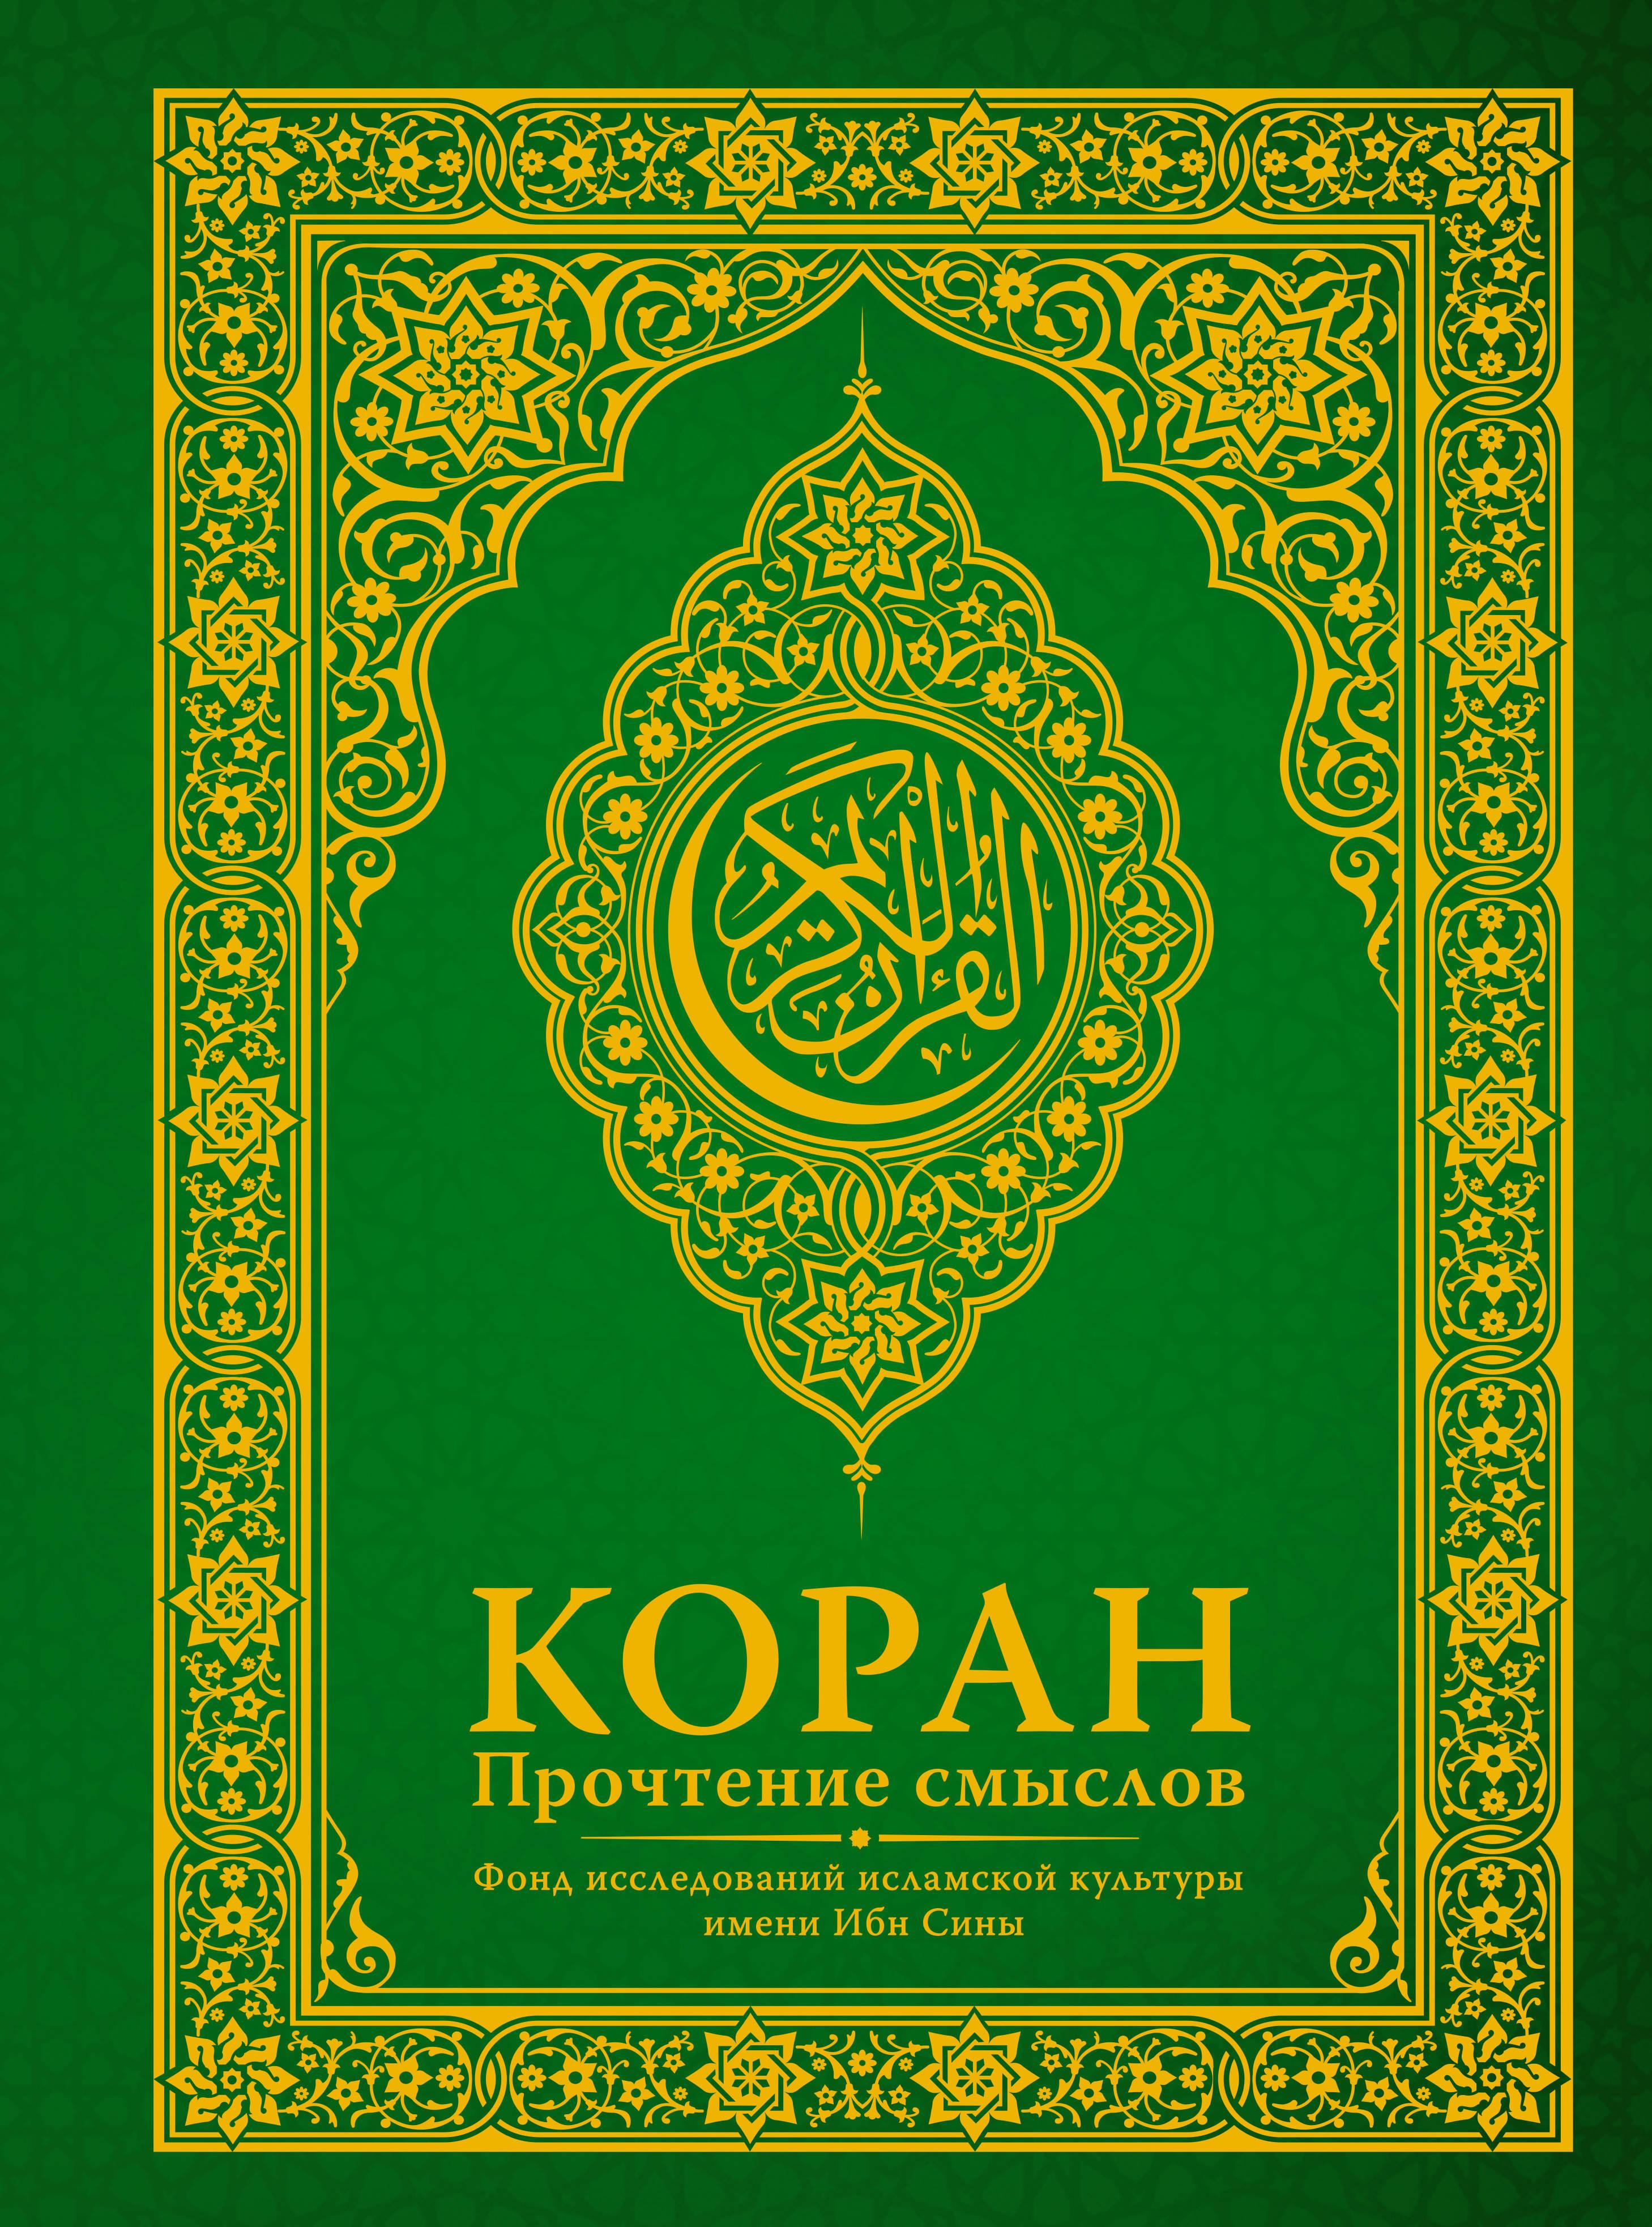 Мусульманская книга картинка